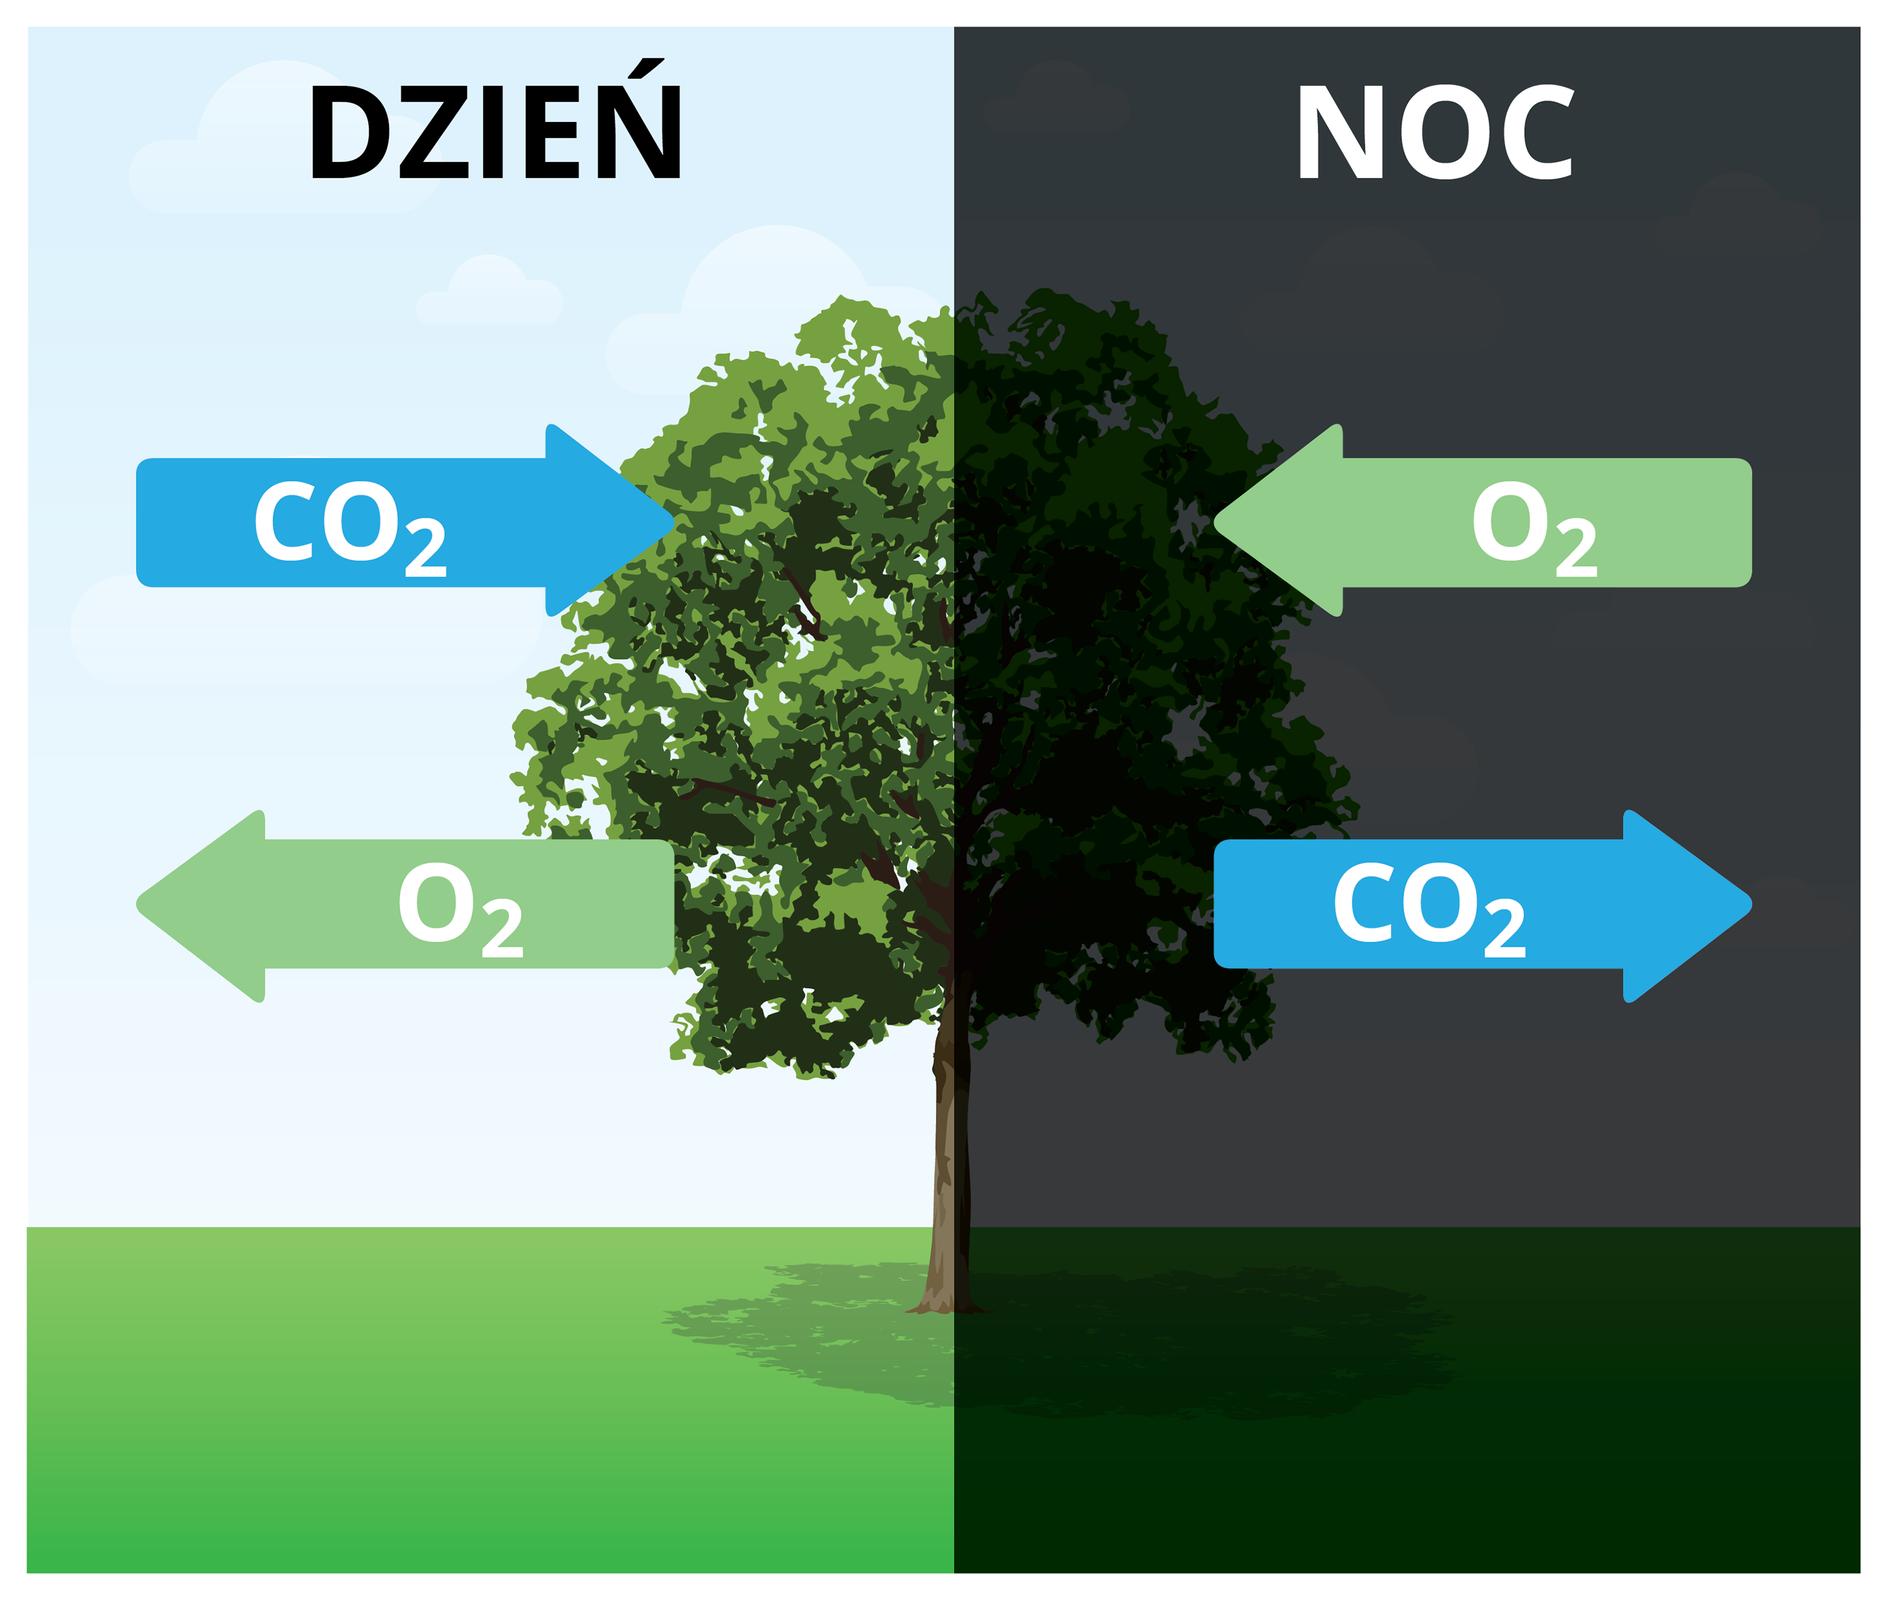 """Rysunek przedstawia drzewo na łące. Jest podzielony na dwie części. Lewa strona drzewa znajduje się na tle dziennego nieba, aprawa strona – na tle nocnego. Po lewej stronie na górze znajduje się strzałka skierowana wstronę drzewa ipodpisana """"CO2"""" Niżej jest strzałka wybiegająca od drzewa ipodpisana """"O2"""" Po prawej stronie na górze jest strzałka skierowana wstronę drzewa podpisana """"O2"""". Pod nią jest strzałka wybiegająca od drzewa podpisana """"CO2""""."""